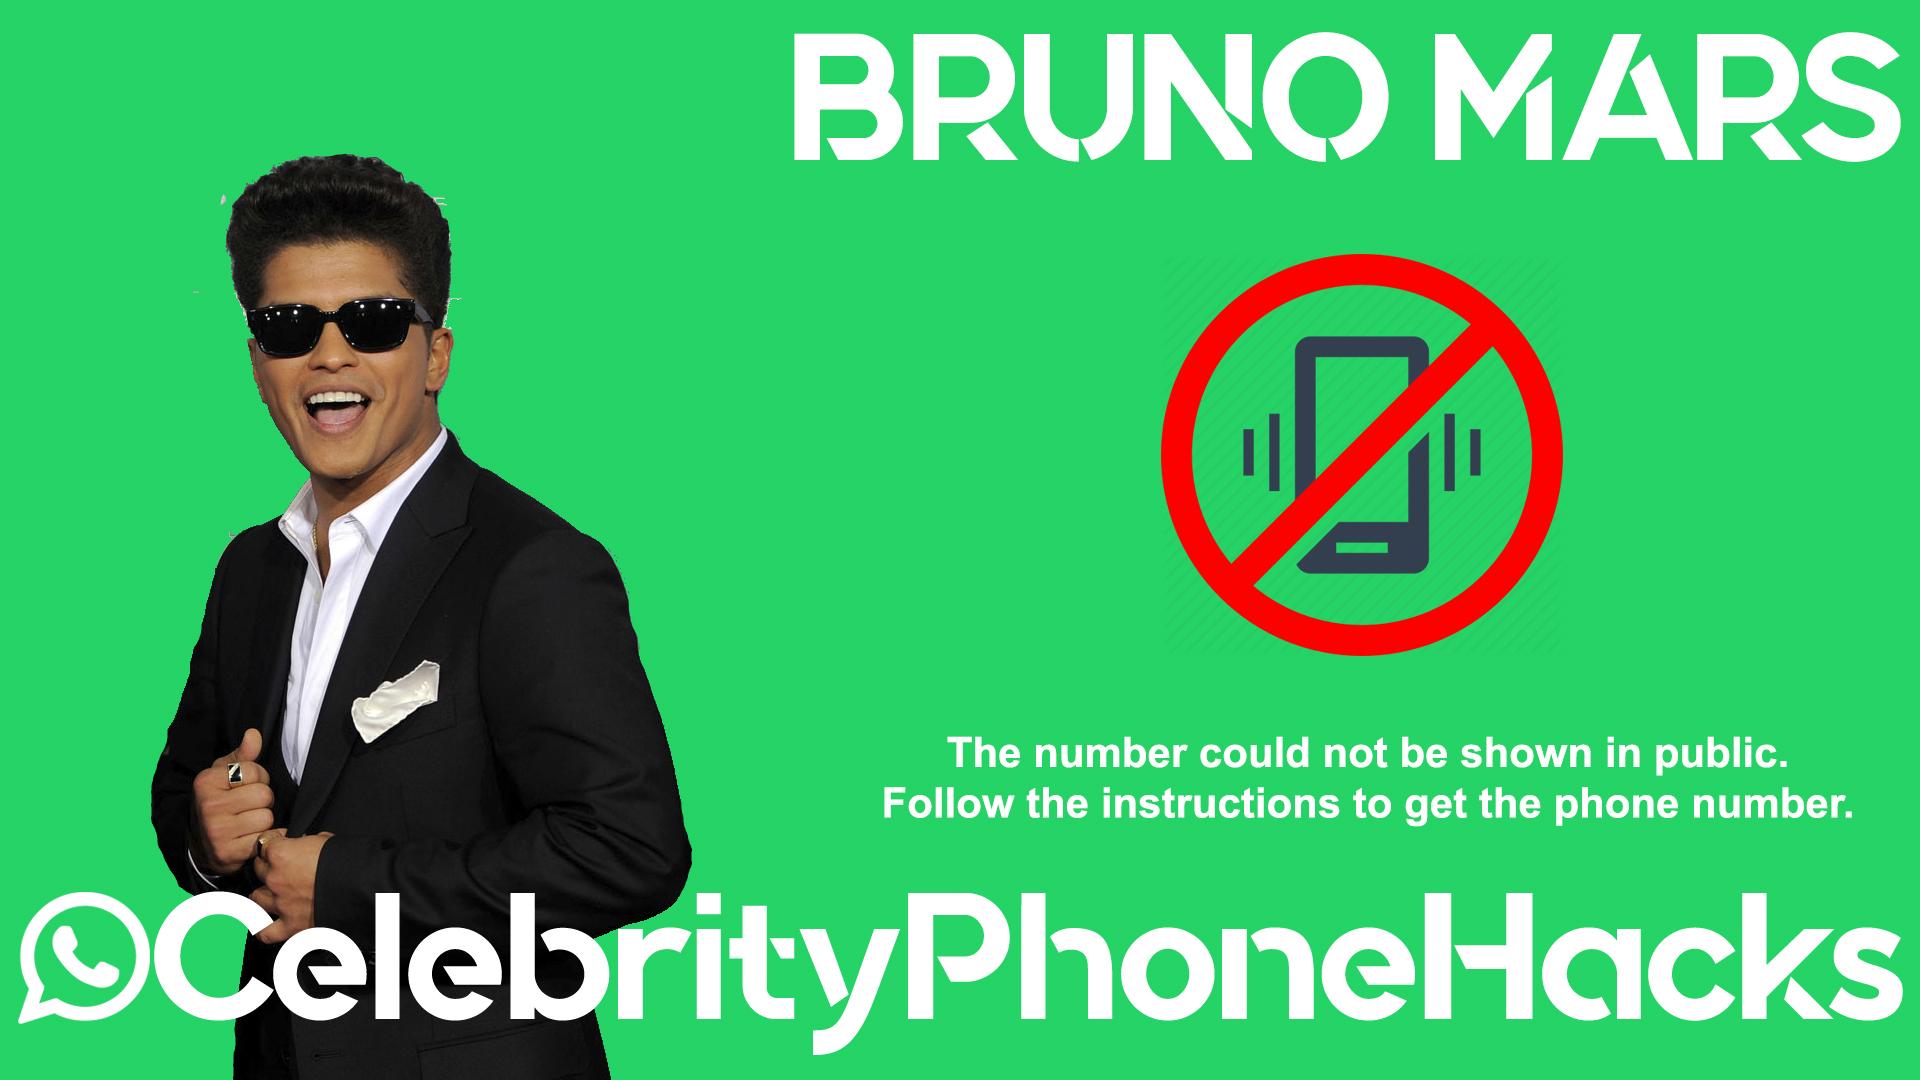 Bruno Mars real phone number 2019 whatsapp hacked leaked